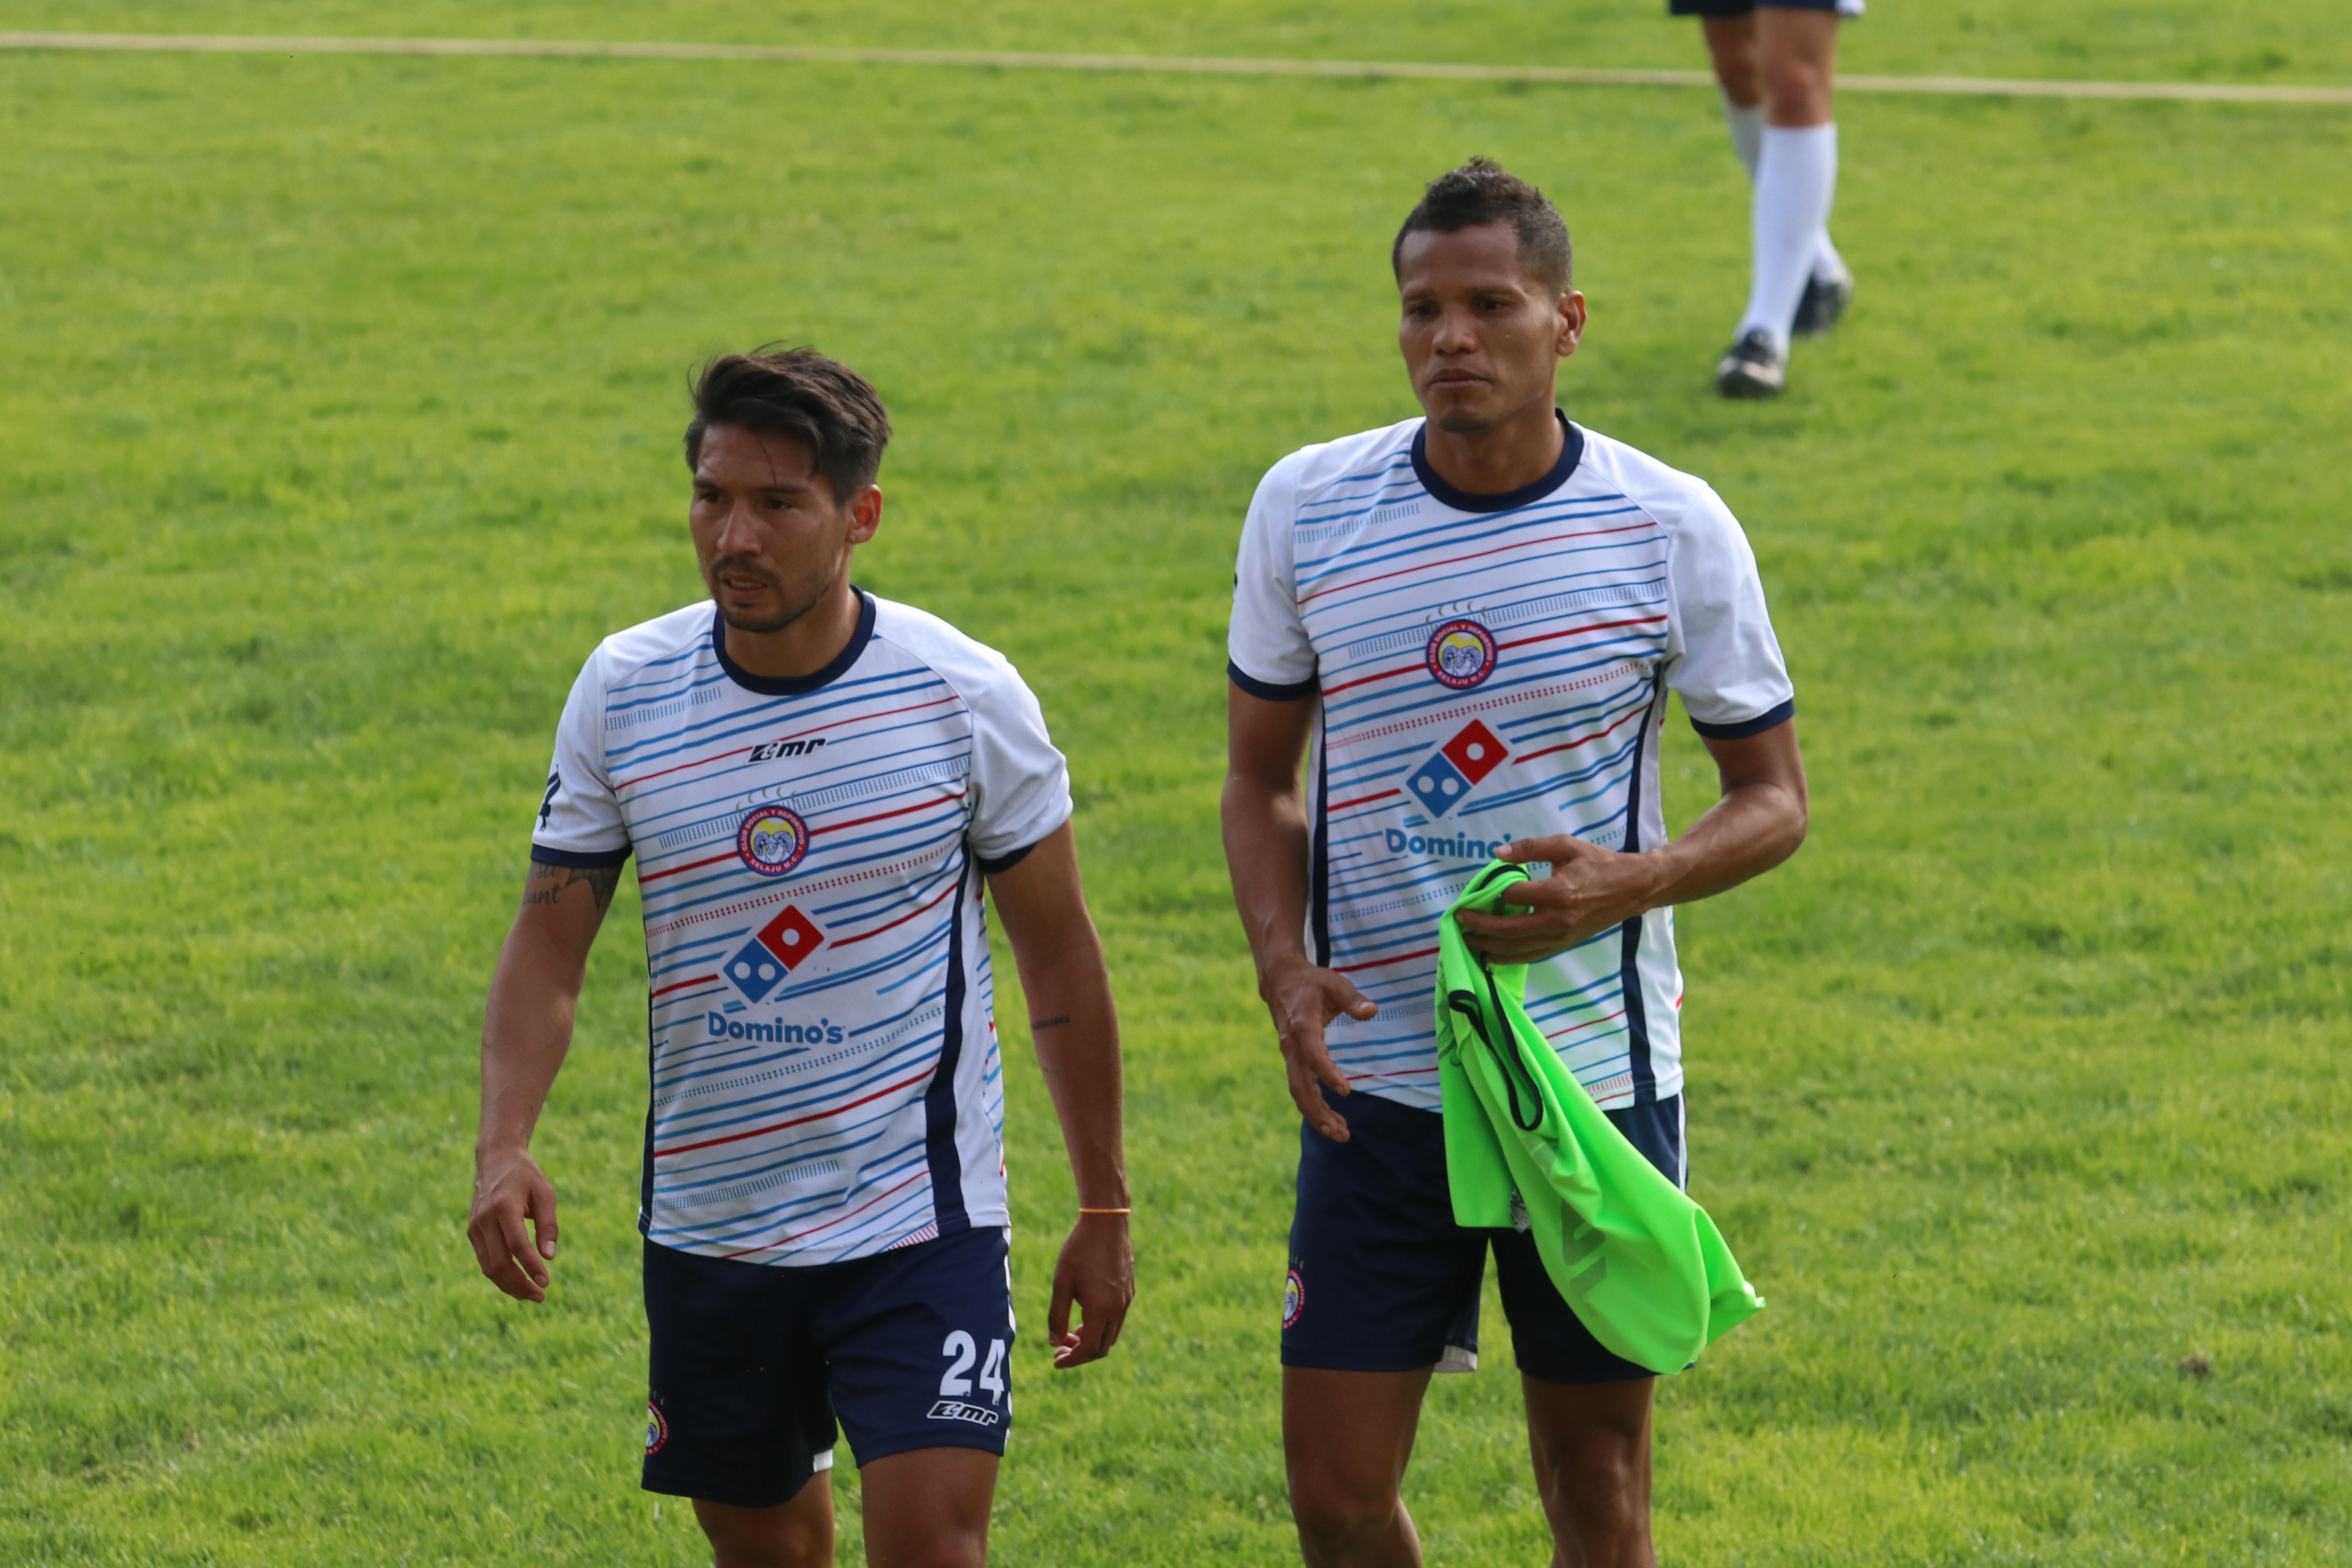 El equipo quetzalteco retornó a los trabajos para preparar el juego de mañana ante Chiantla a las 20 horas en el estadio Los Cuchumatanes. (Foto Prensa Libre: Raúl Juárez)